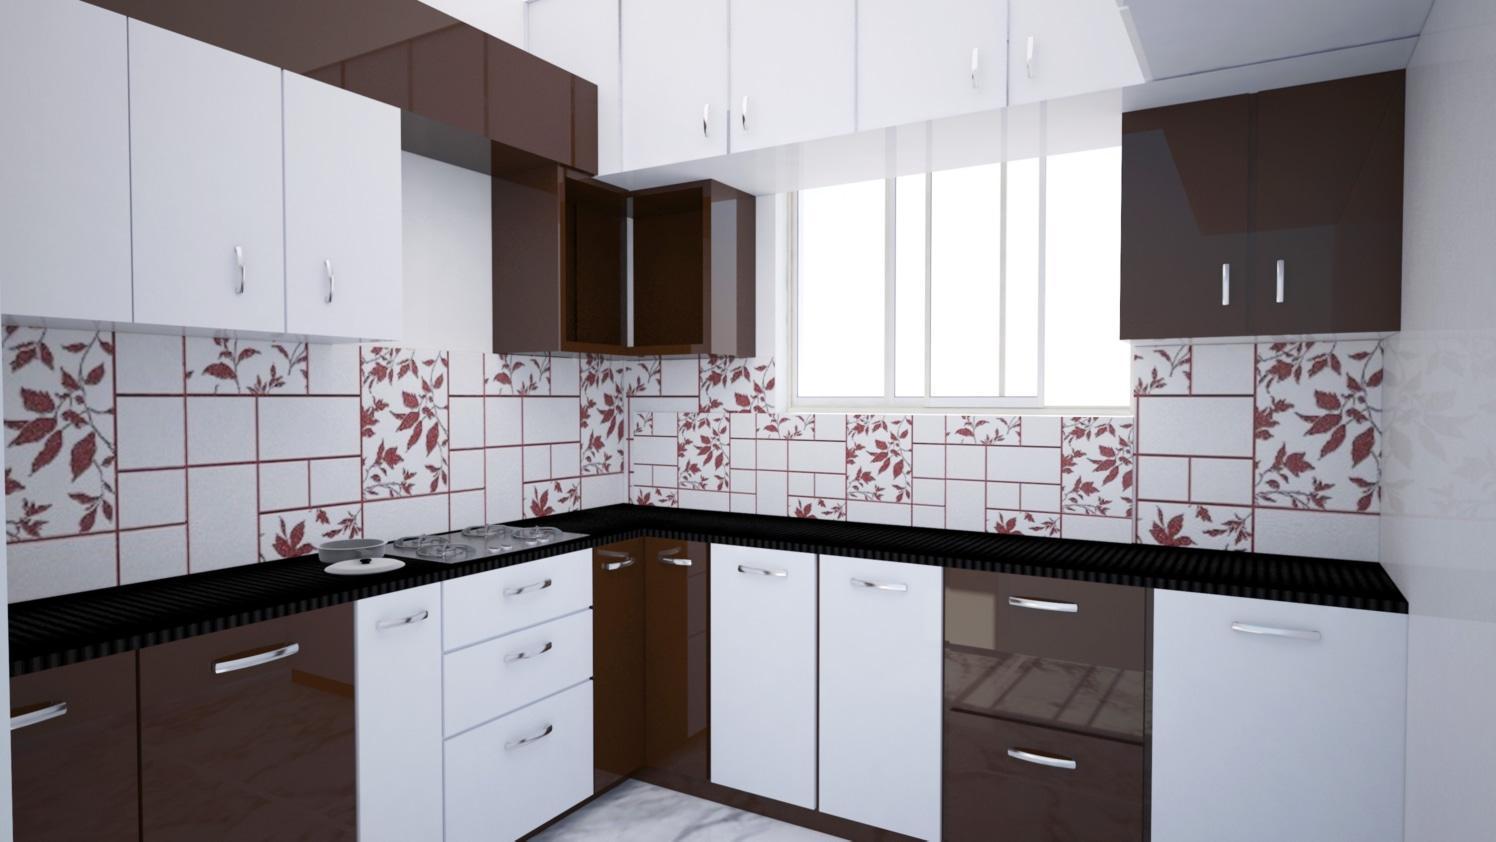 Modular Kitchen by Jheeva Modern | Interior Design Photos & Ideas